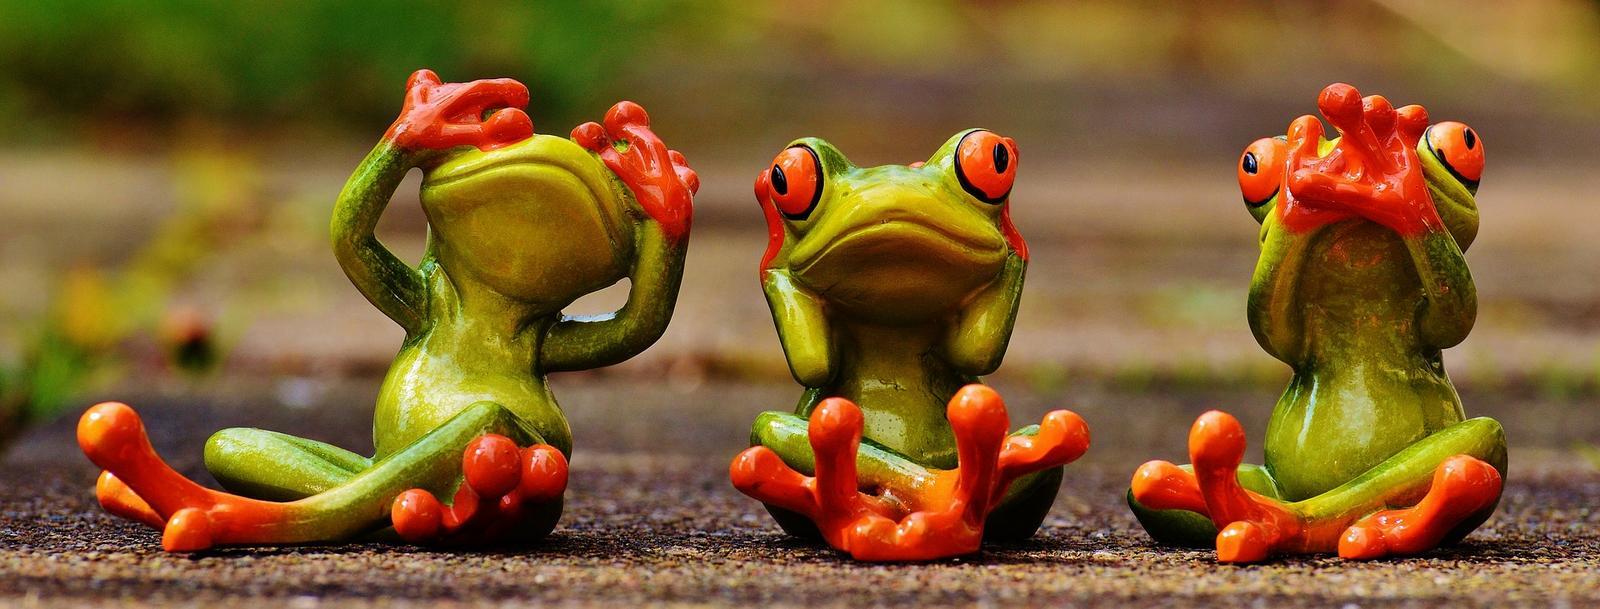 On se dit des faussetés | Psaumes 12 : 1-8 - Méditation - Méditer la Bible - Présence Divine